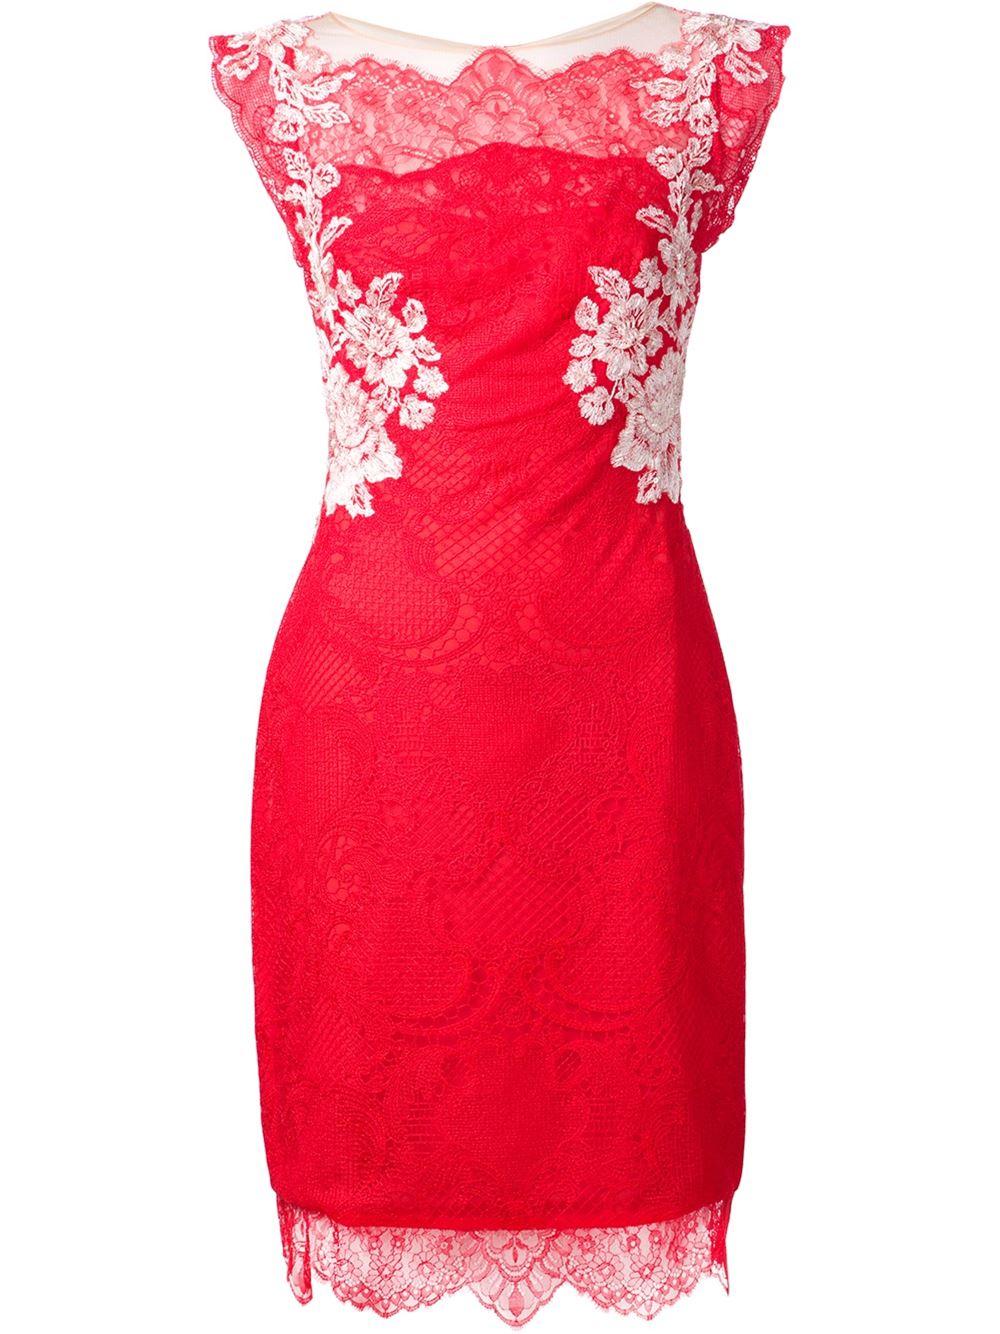 بالصور فساتين حمراء قصيرة , فستان من اللون الاحمر 1218 4